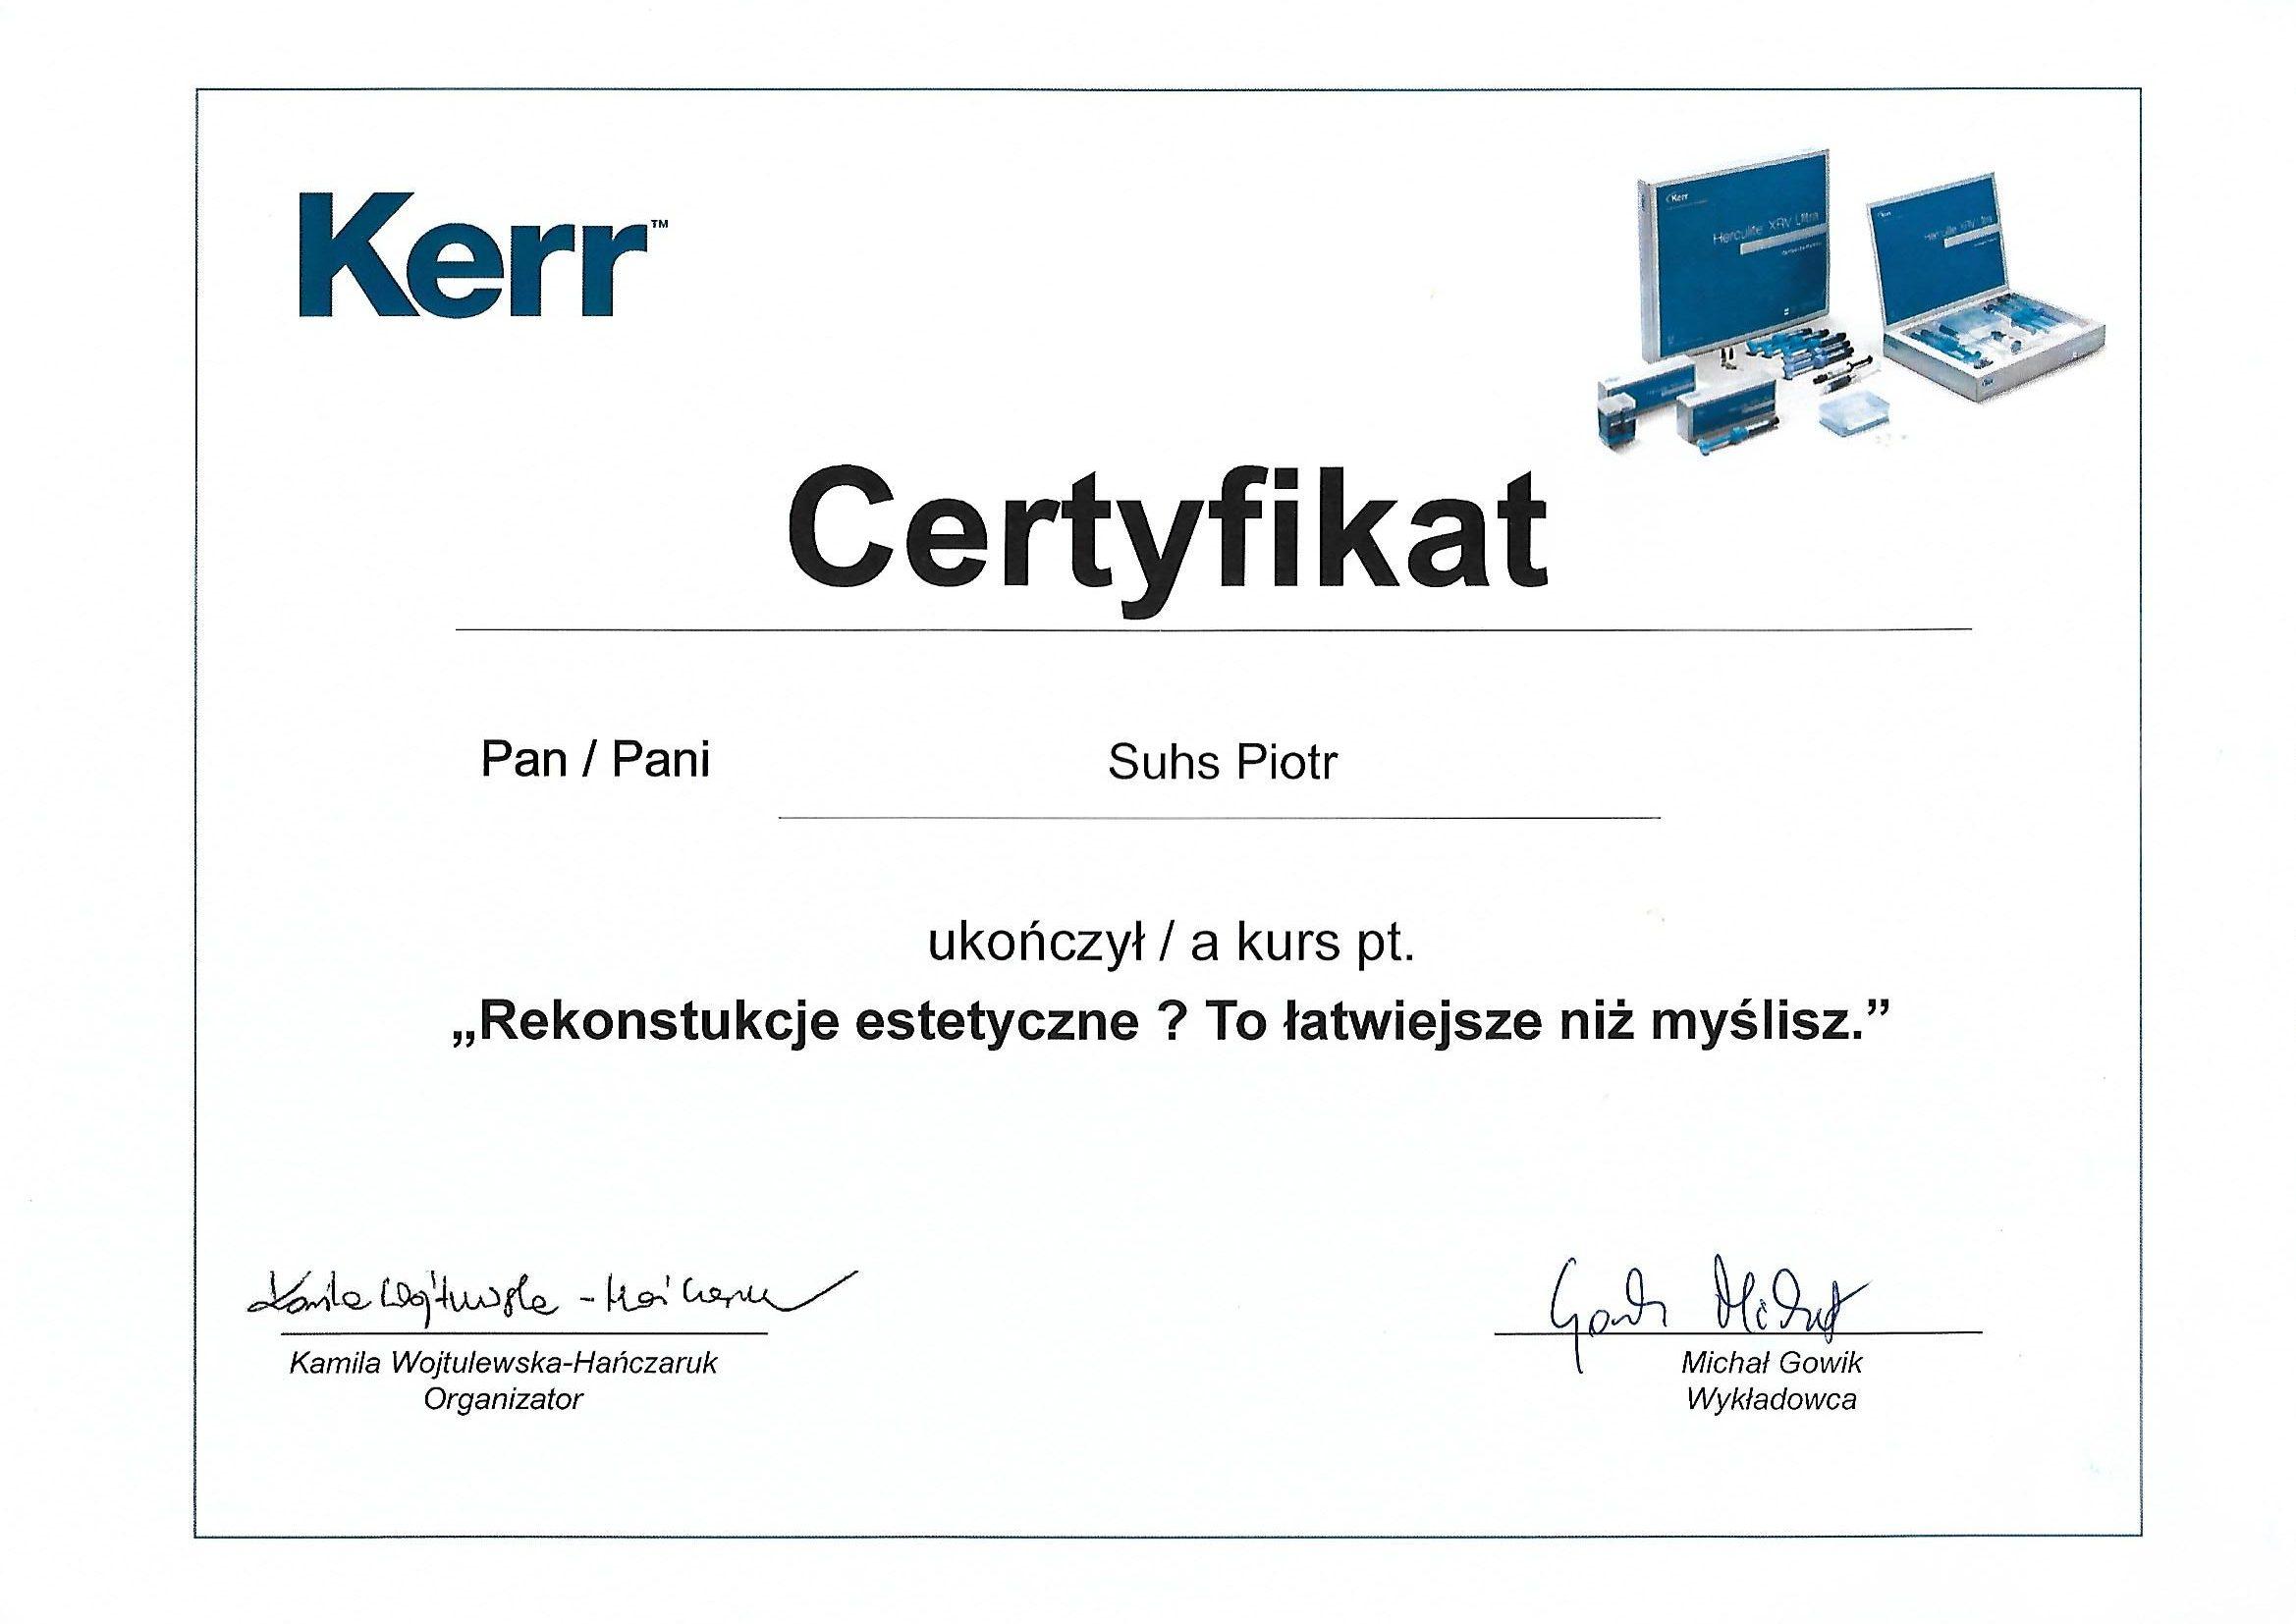 Piotr Suhs certyfikat